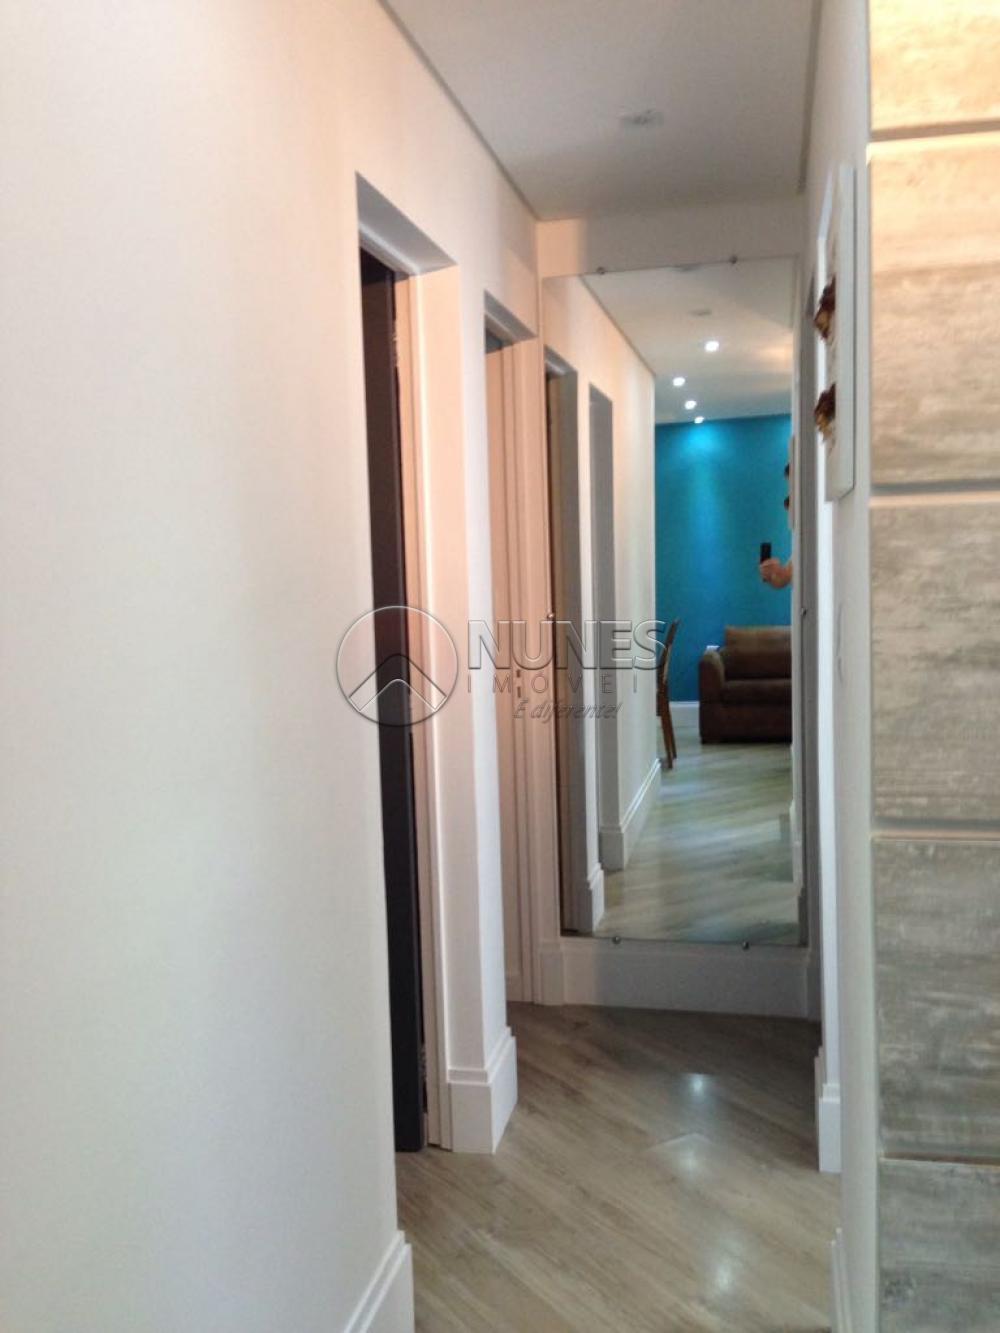 Comprar Apartamento / Padrão em Osasco apenas R$ 350.000,00 - Foto 9